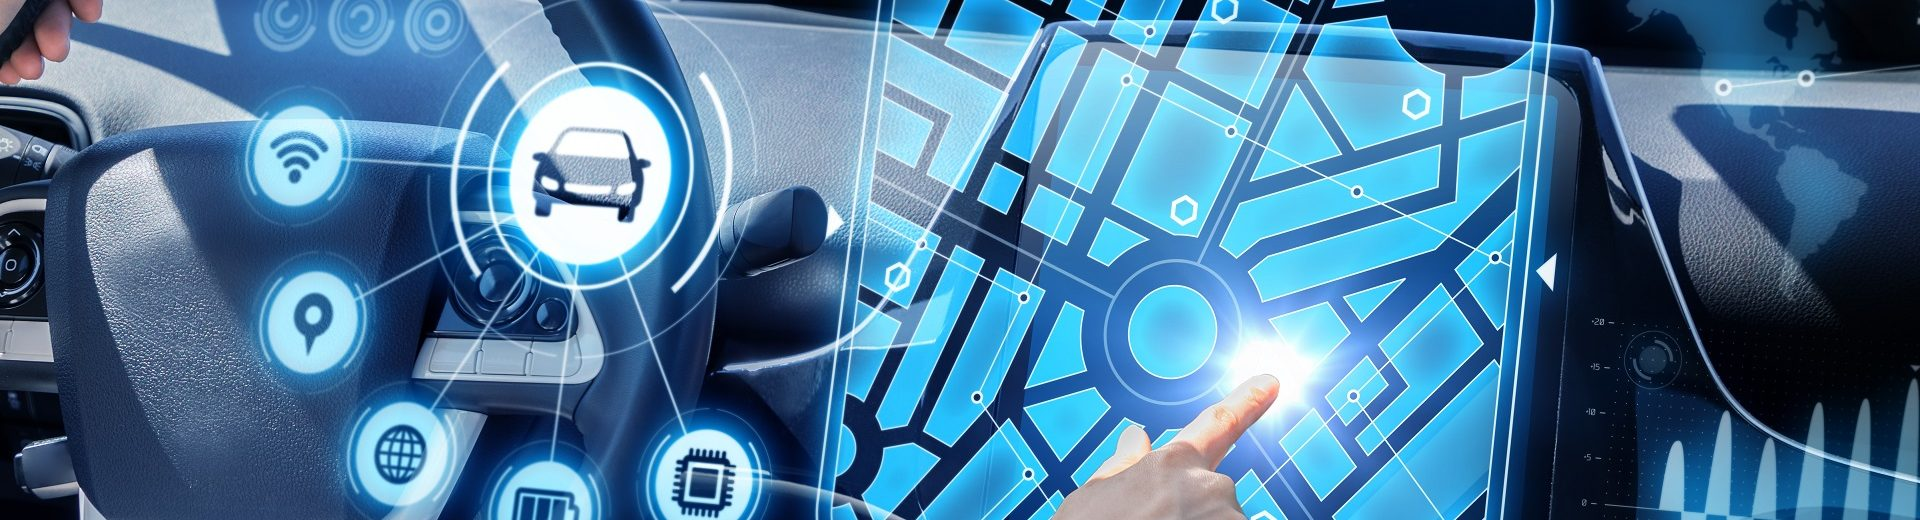 Smart, autonomous, talking cars – what is coming next?